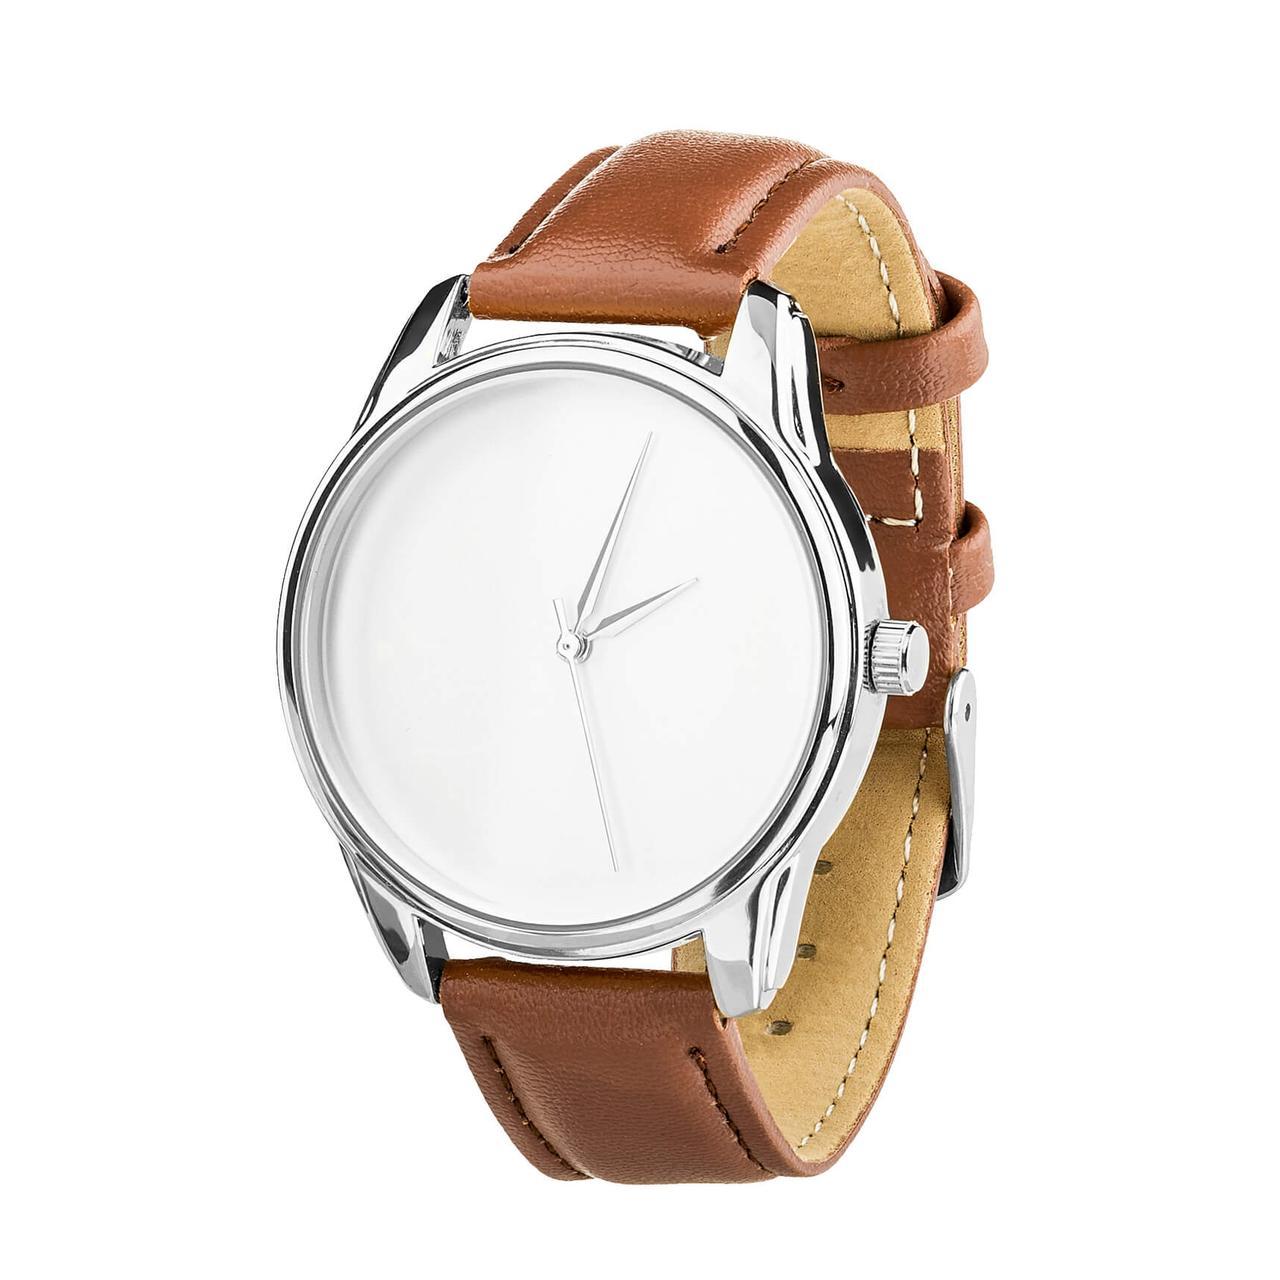 Часы ZIZ Минимализм (ремешок кофейно - шоколадный, серебро) + дополнительный ремешок